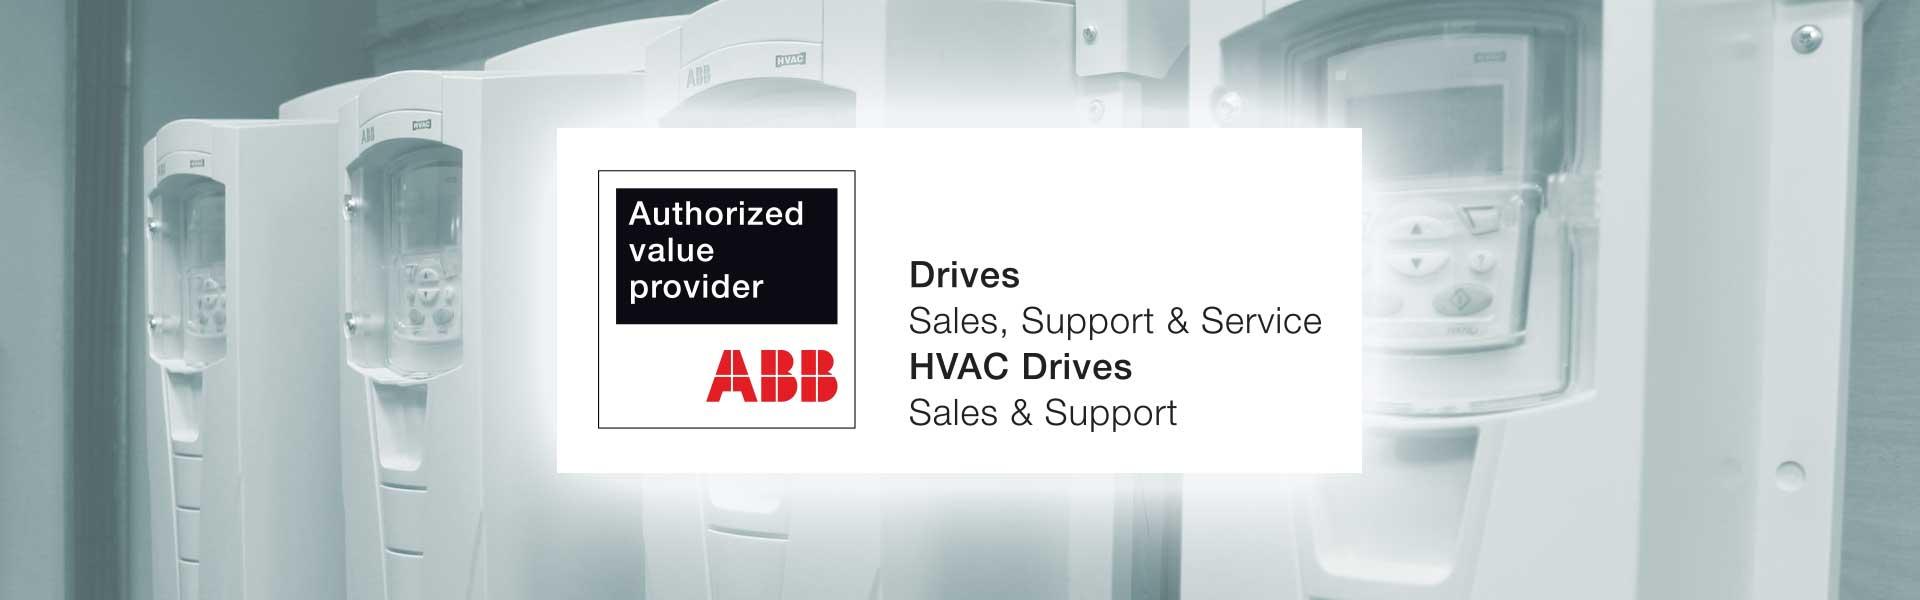 ABB authorised value provider